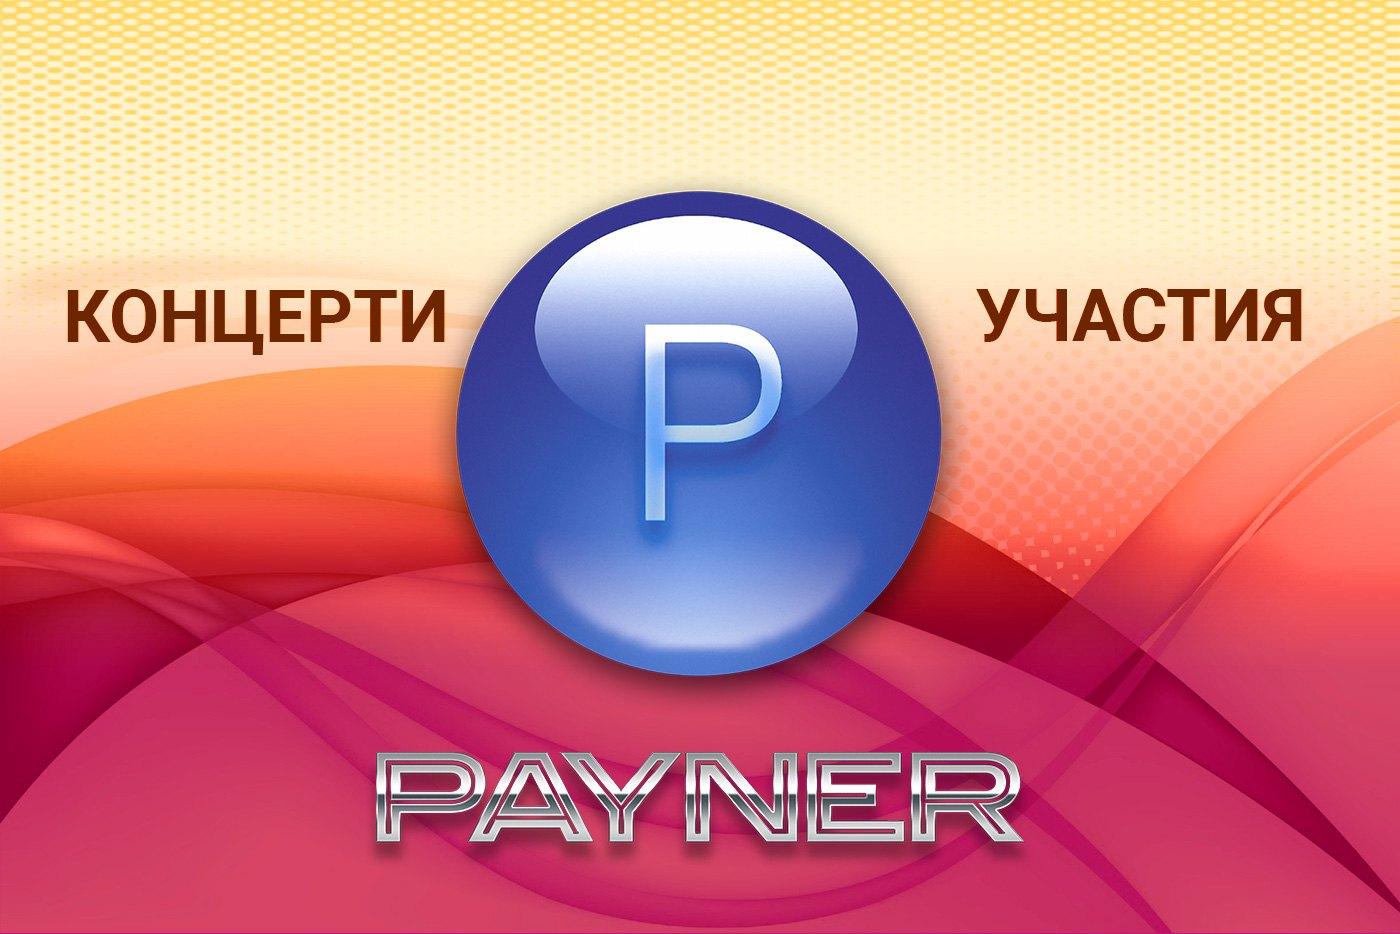 """Участия на звездите на """"Пайнер"""" на 12.01.2019"""